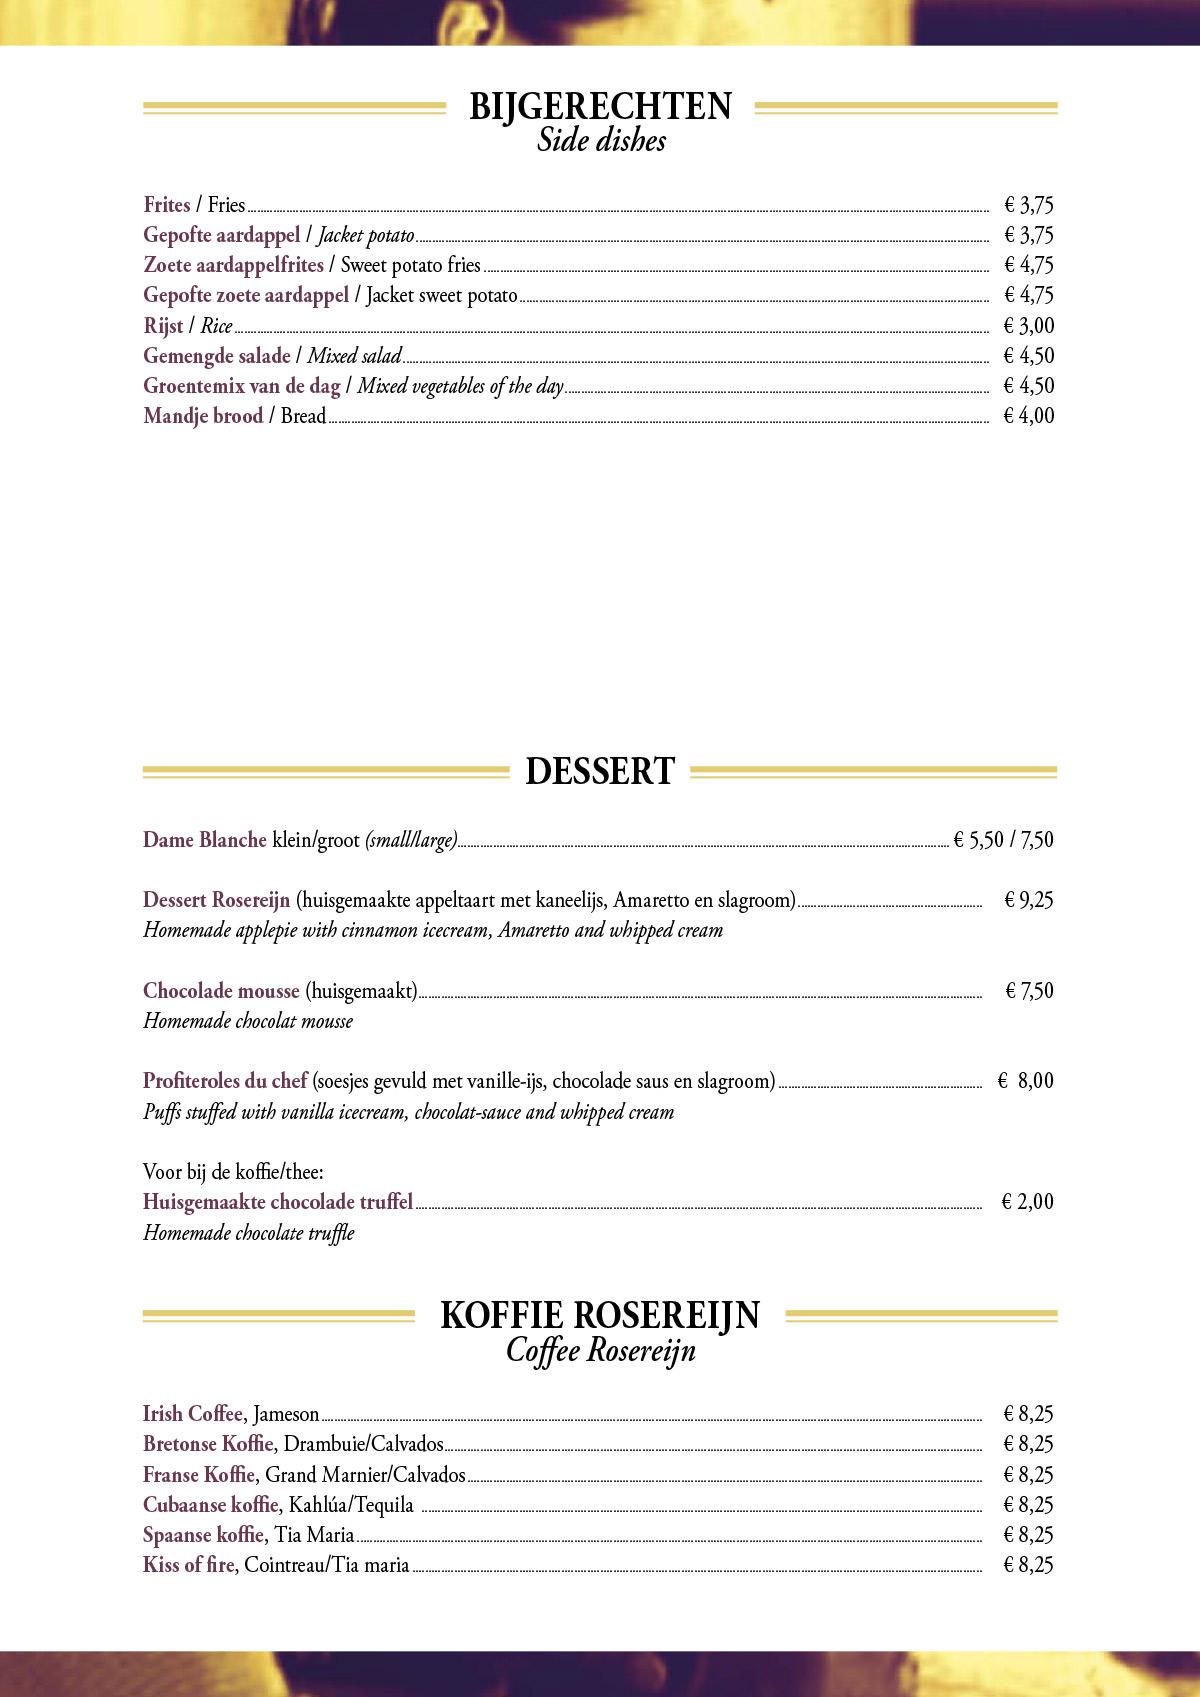 Dessert Menu | Eetcafe Rosereijn nabij de Jordaan in Amsterdam